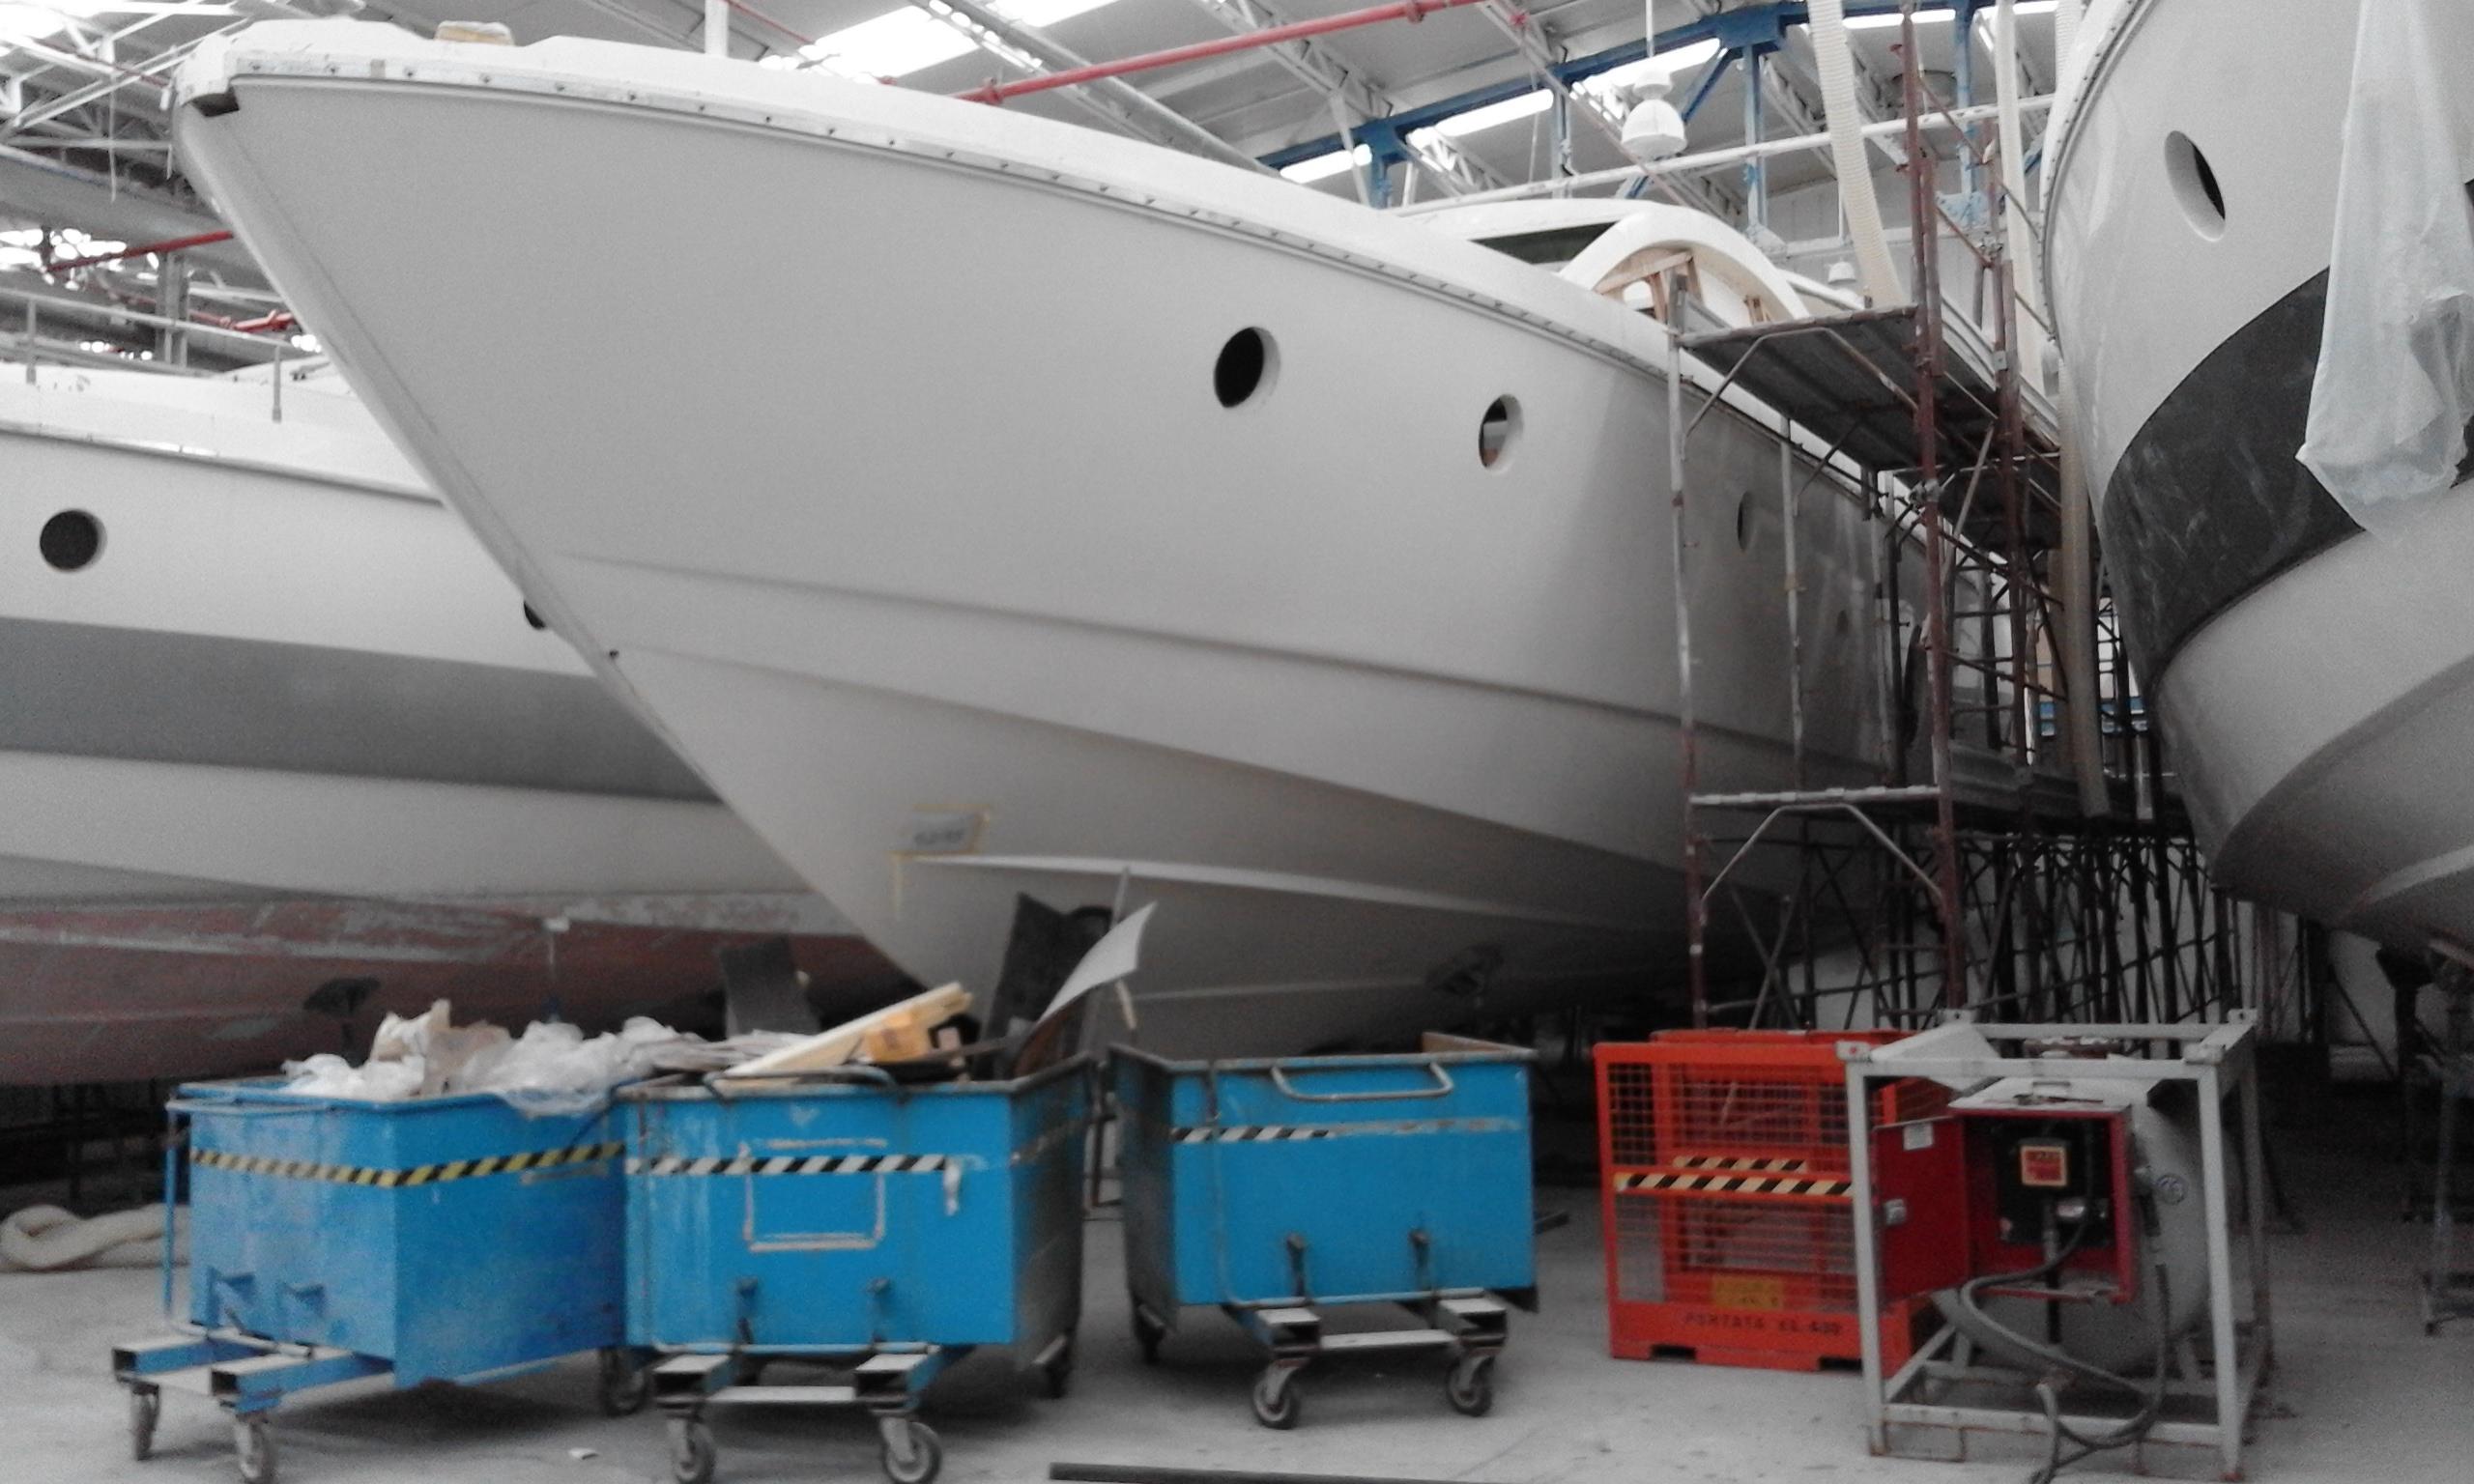 Imbarcazione Aicon Fly 62-35